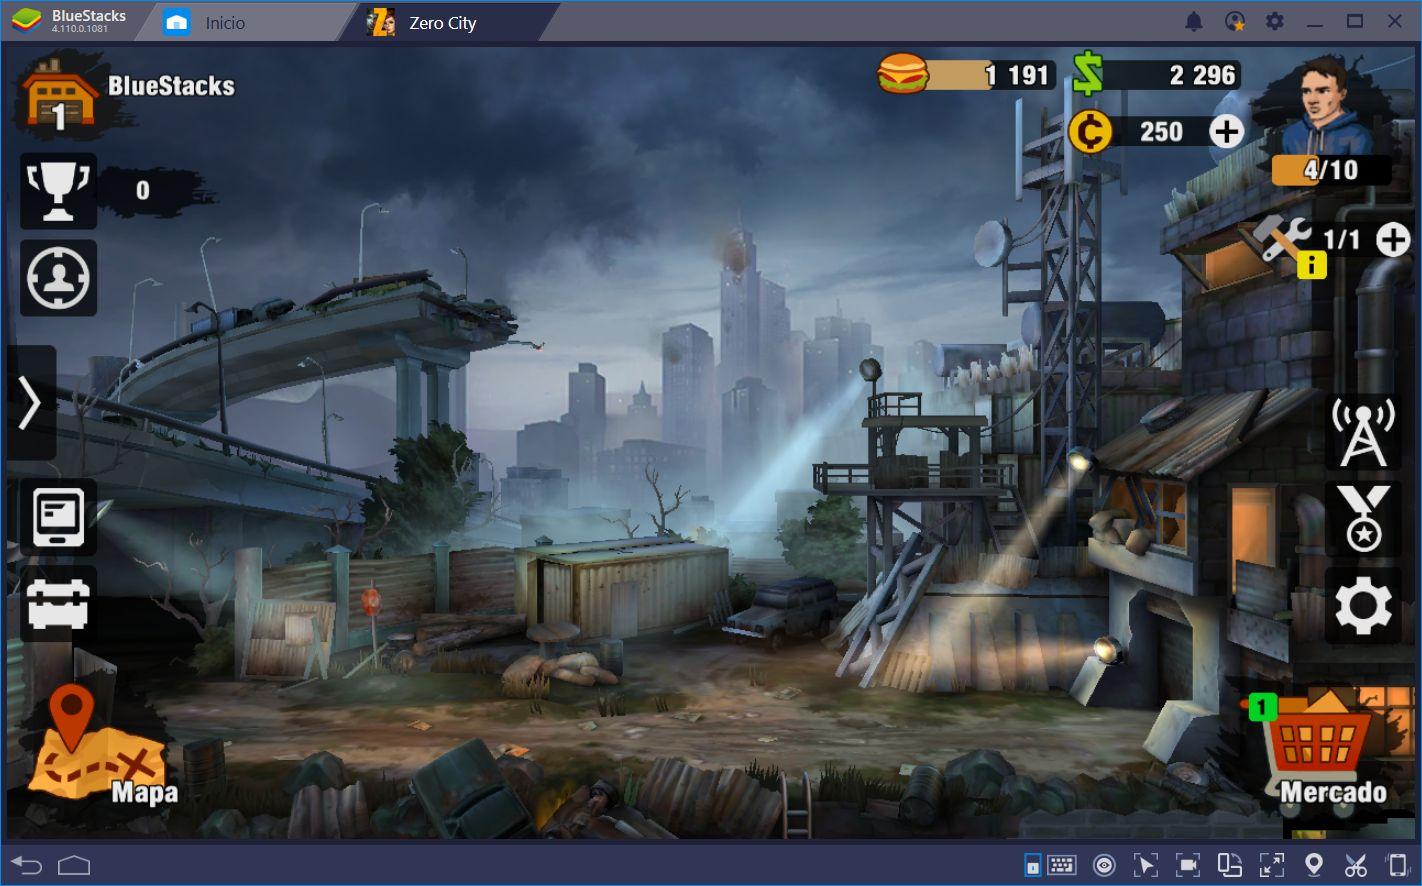 Construye el Mejor Refugio y Lucha Contra los Zombis en Zero City